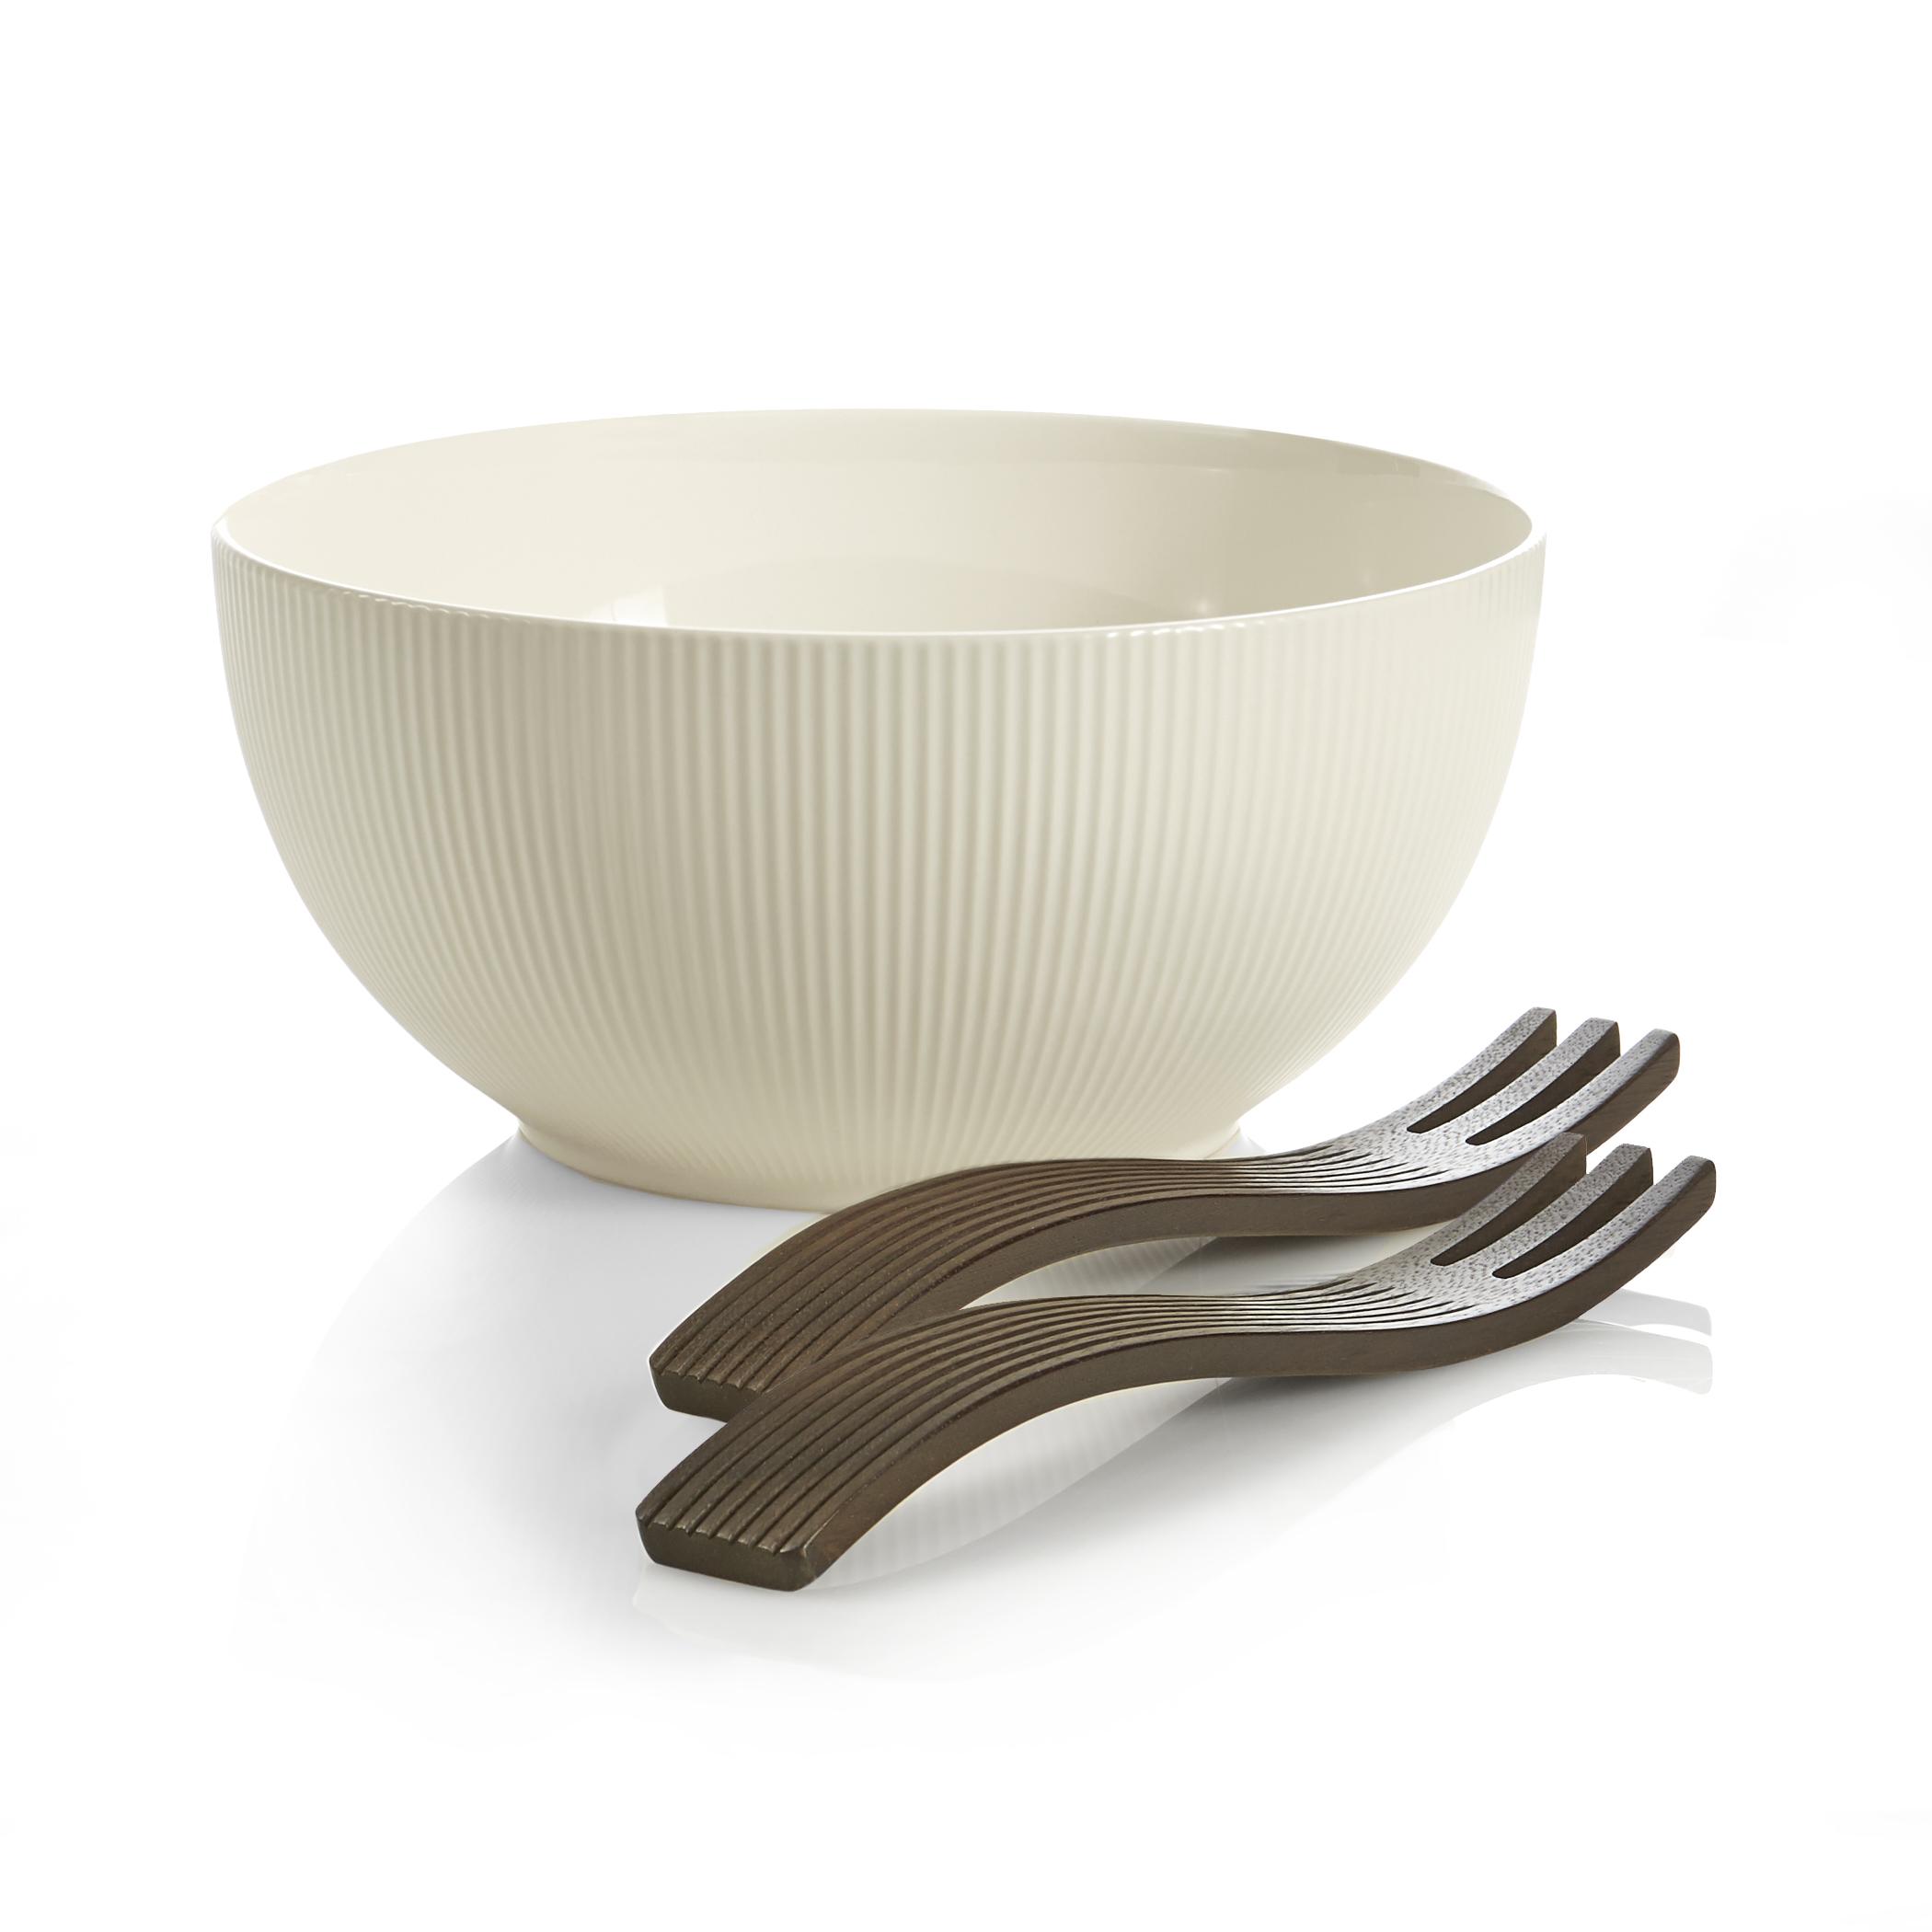 MT1221_origin_salad_bowl_w_servers.jpg